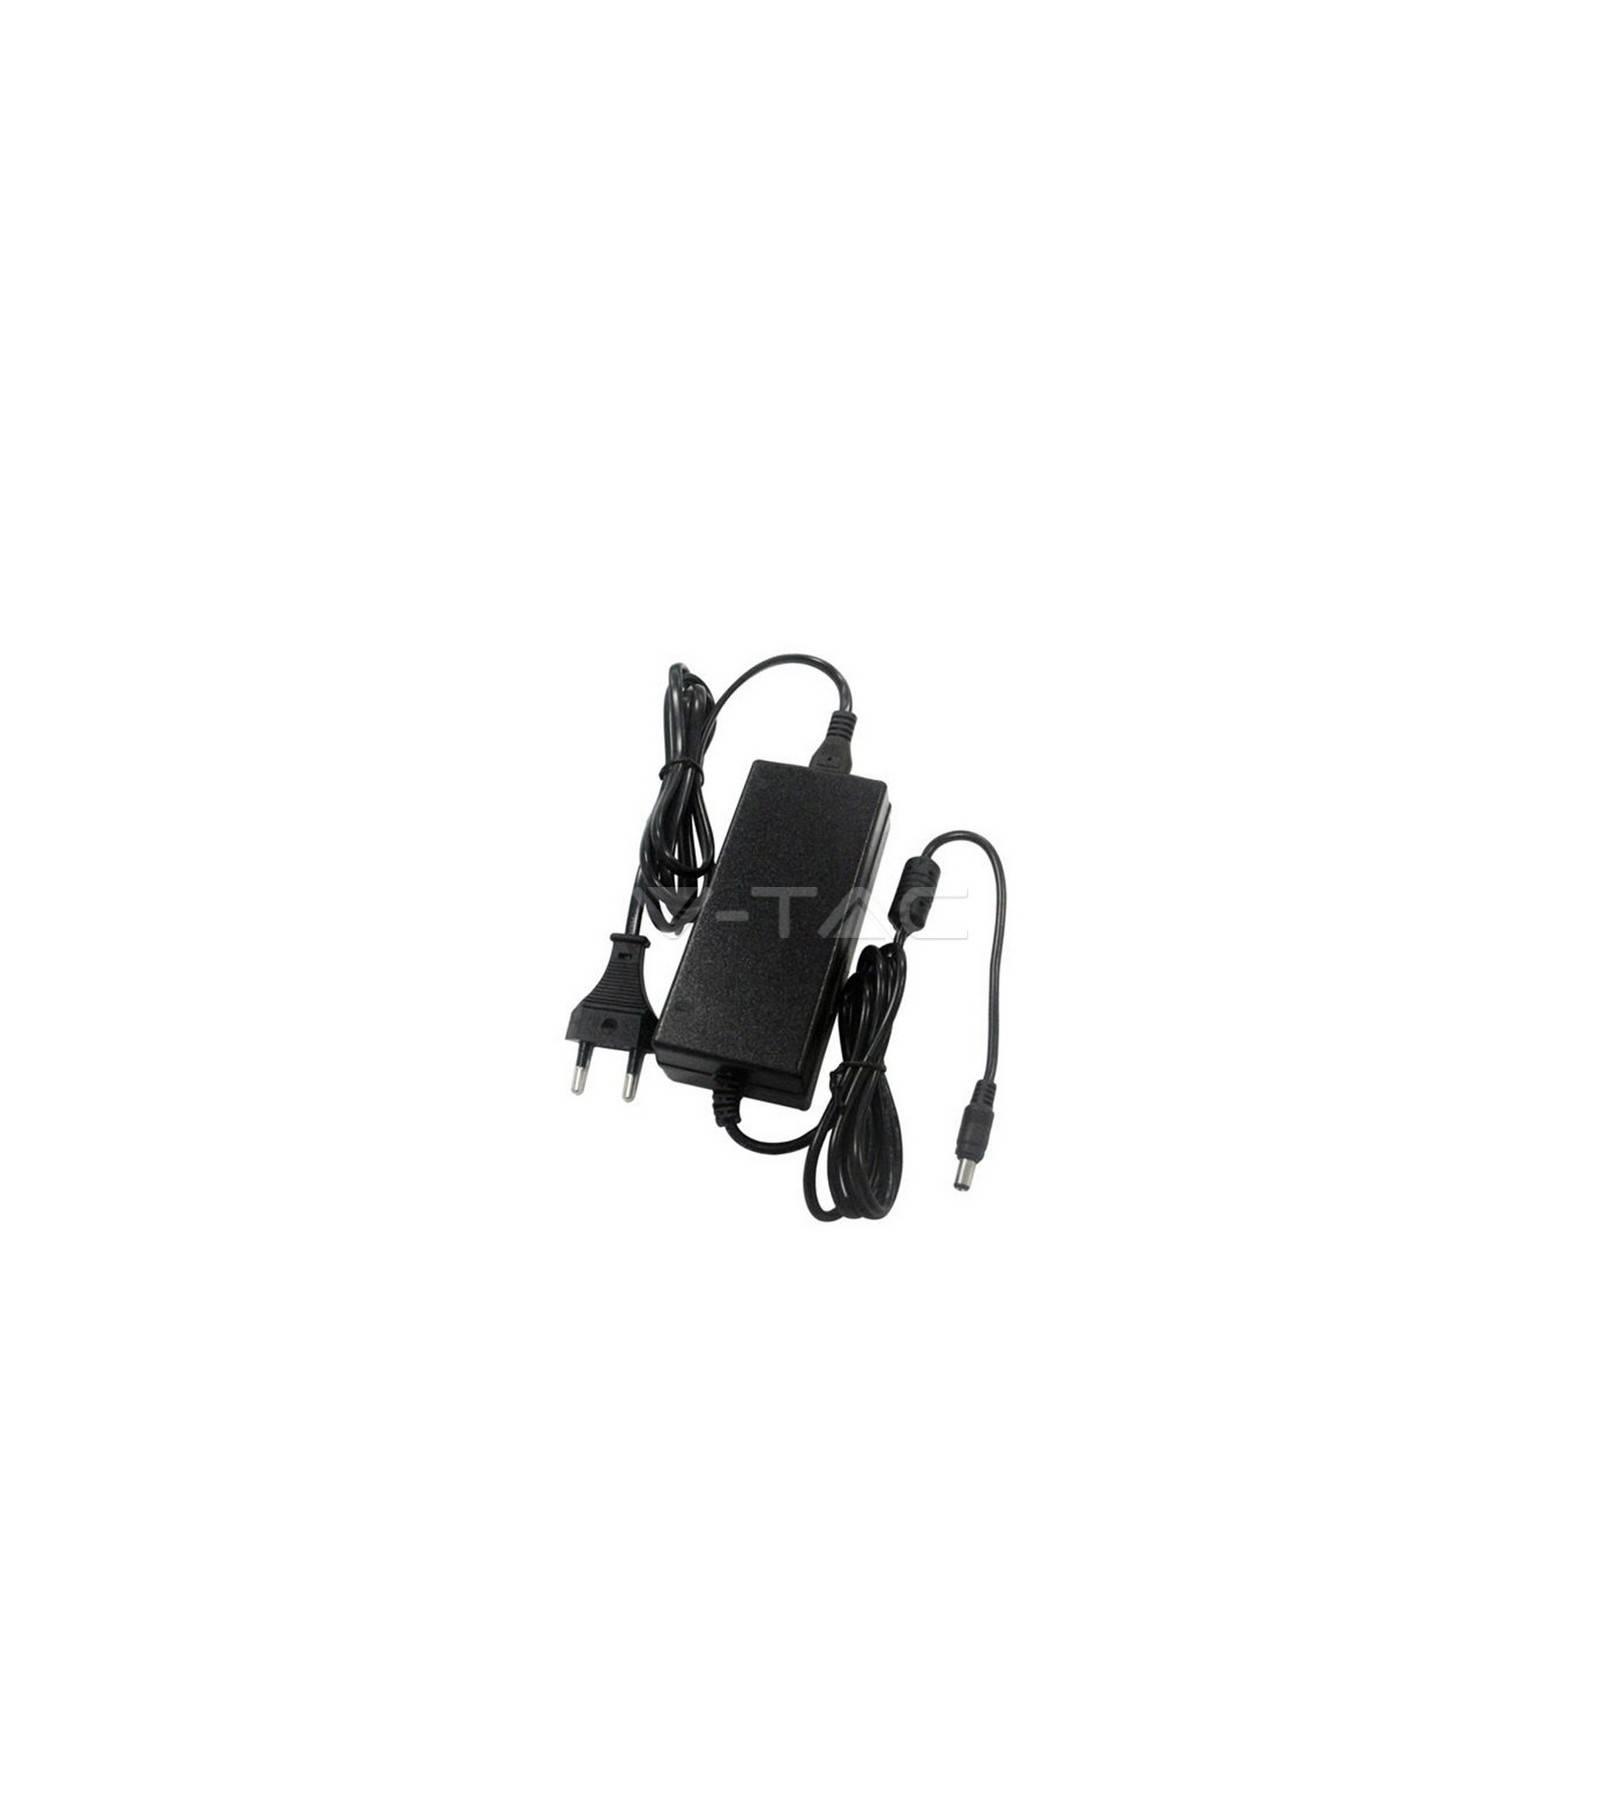 V-TAC Transformateur ruban led 78W 12V 6.5A IP44 V-TAC - 3240